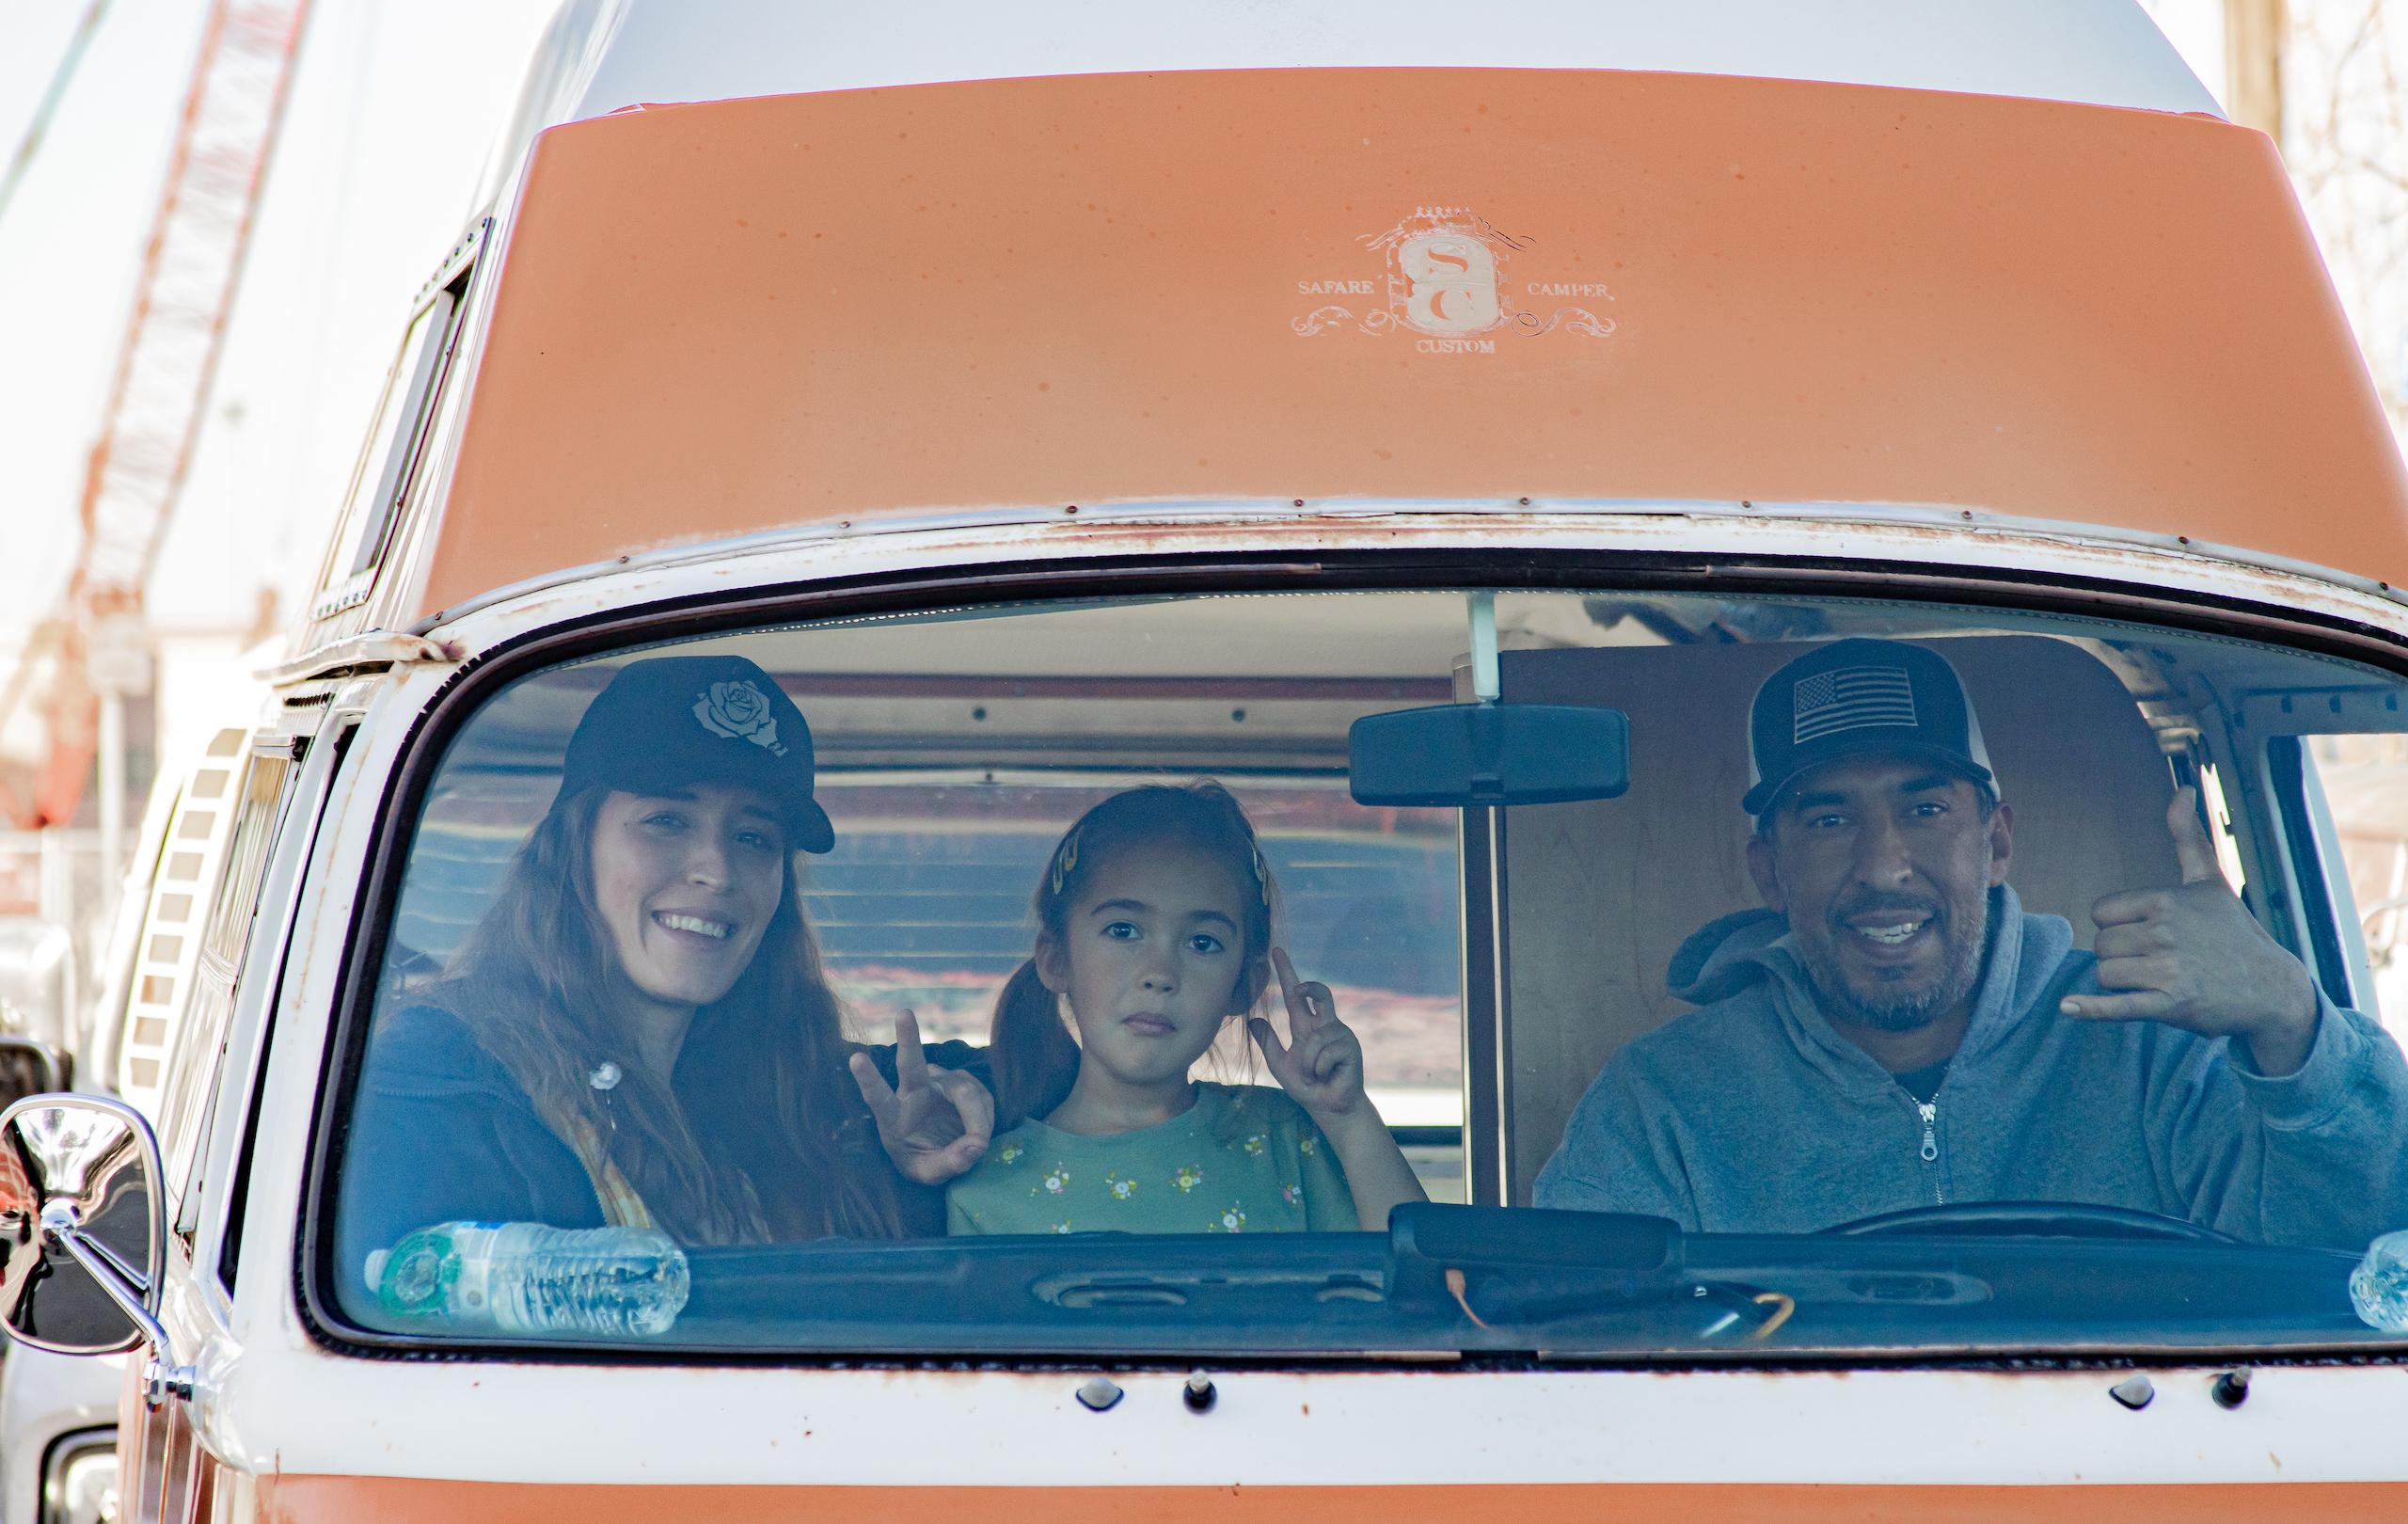 So-Cal Slow Ride Van Run family time